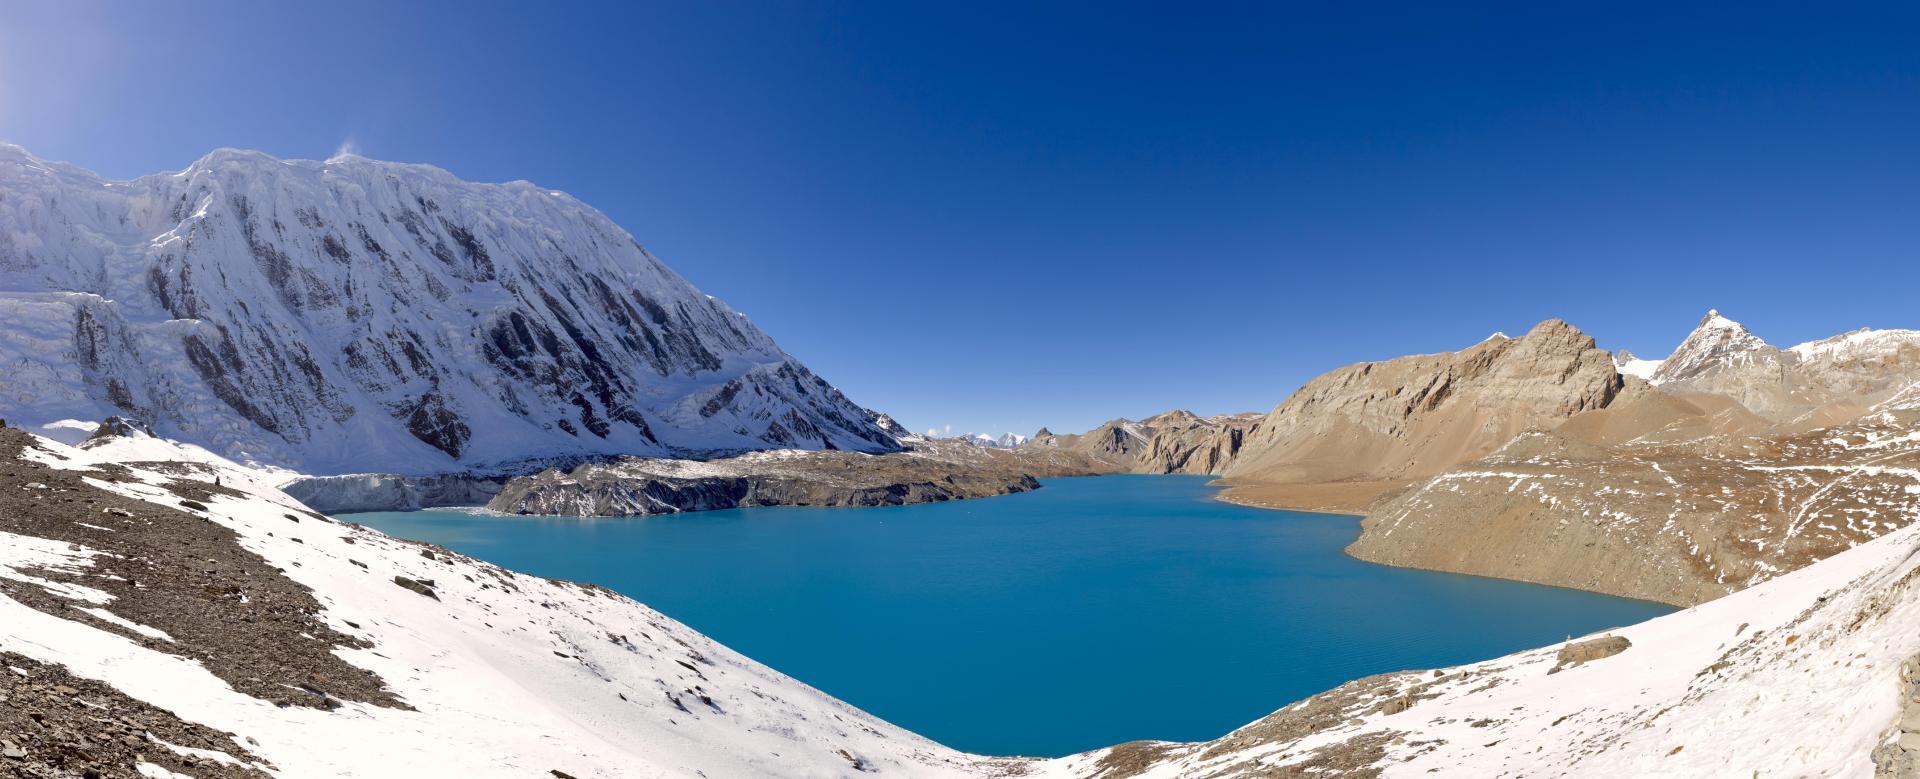 Voyage à pied : Tour des annapurnas : lac tilicho et mesokanta la